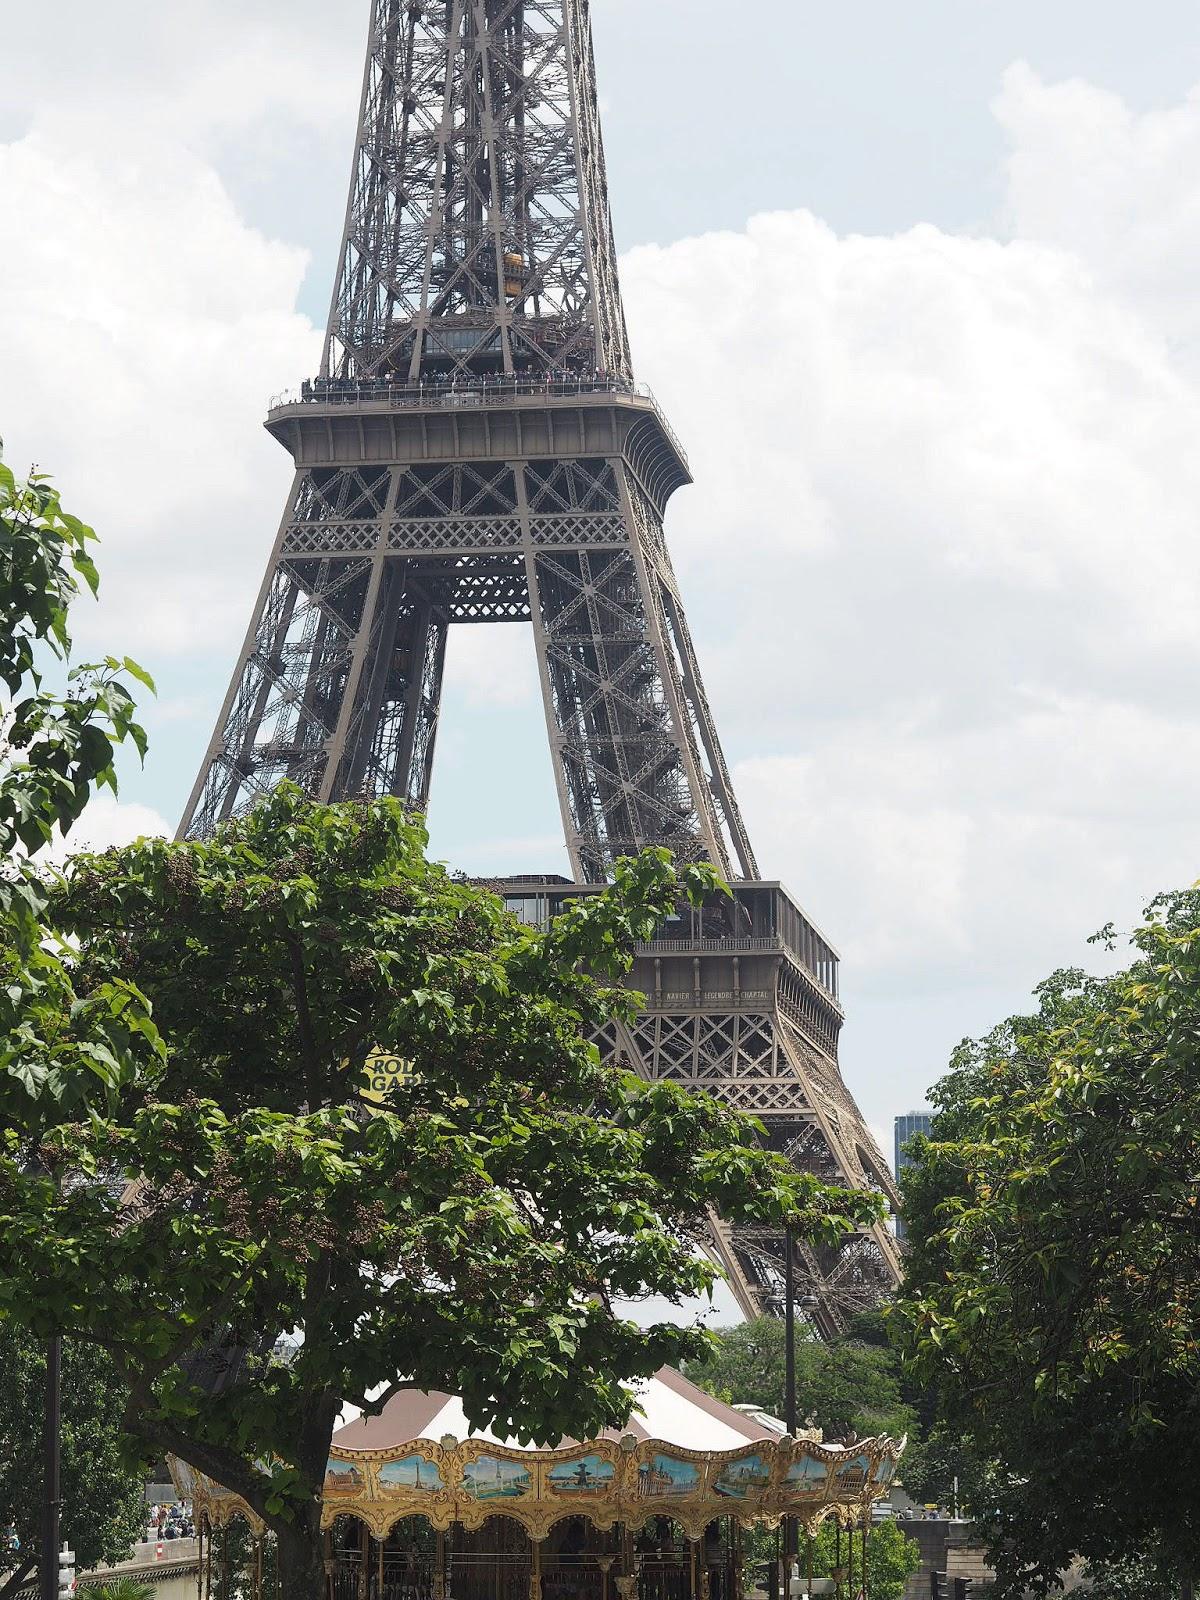 Paris - Eiffel Tower - La Tour Eiffel